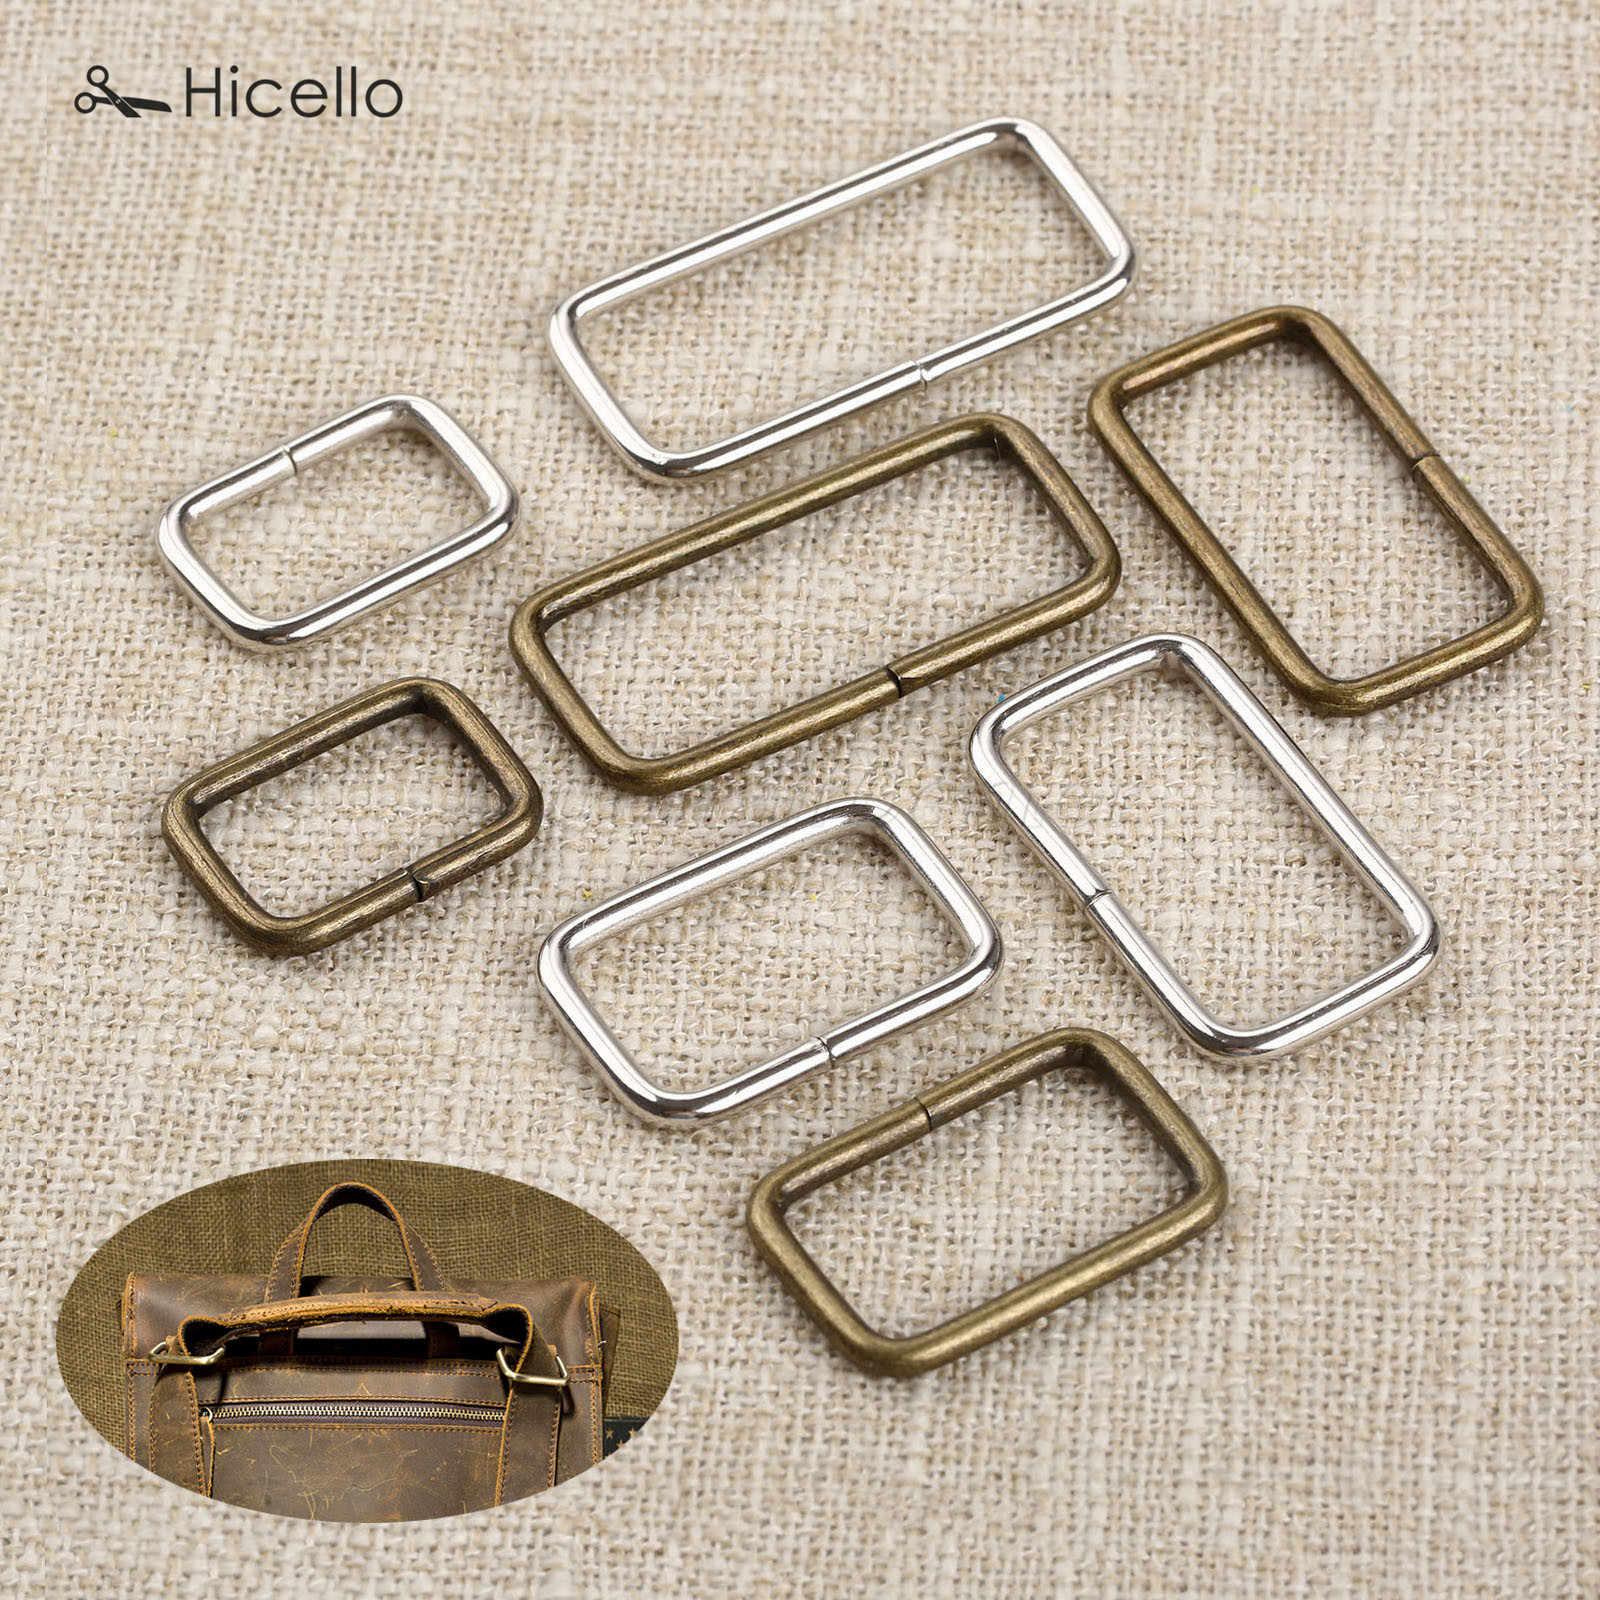 حزام تزيين الملابس 20 قطعة معدني بإبزيم حلقي مربع للأمتعة الخياطة اليدوية بأزرار محفظة من الفضة البرونز